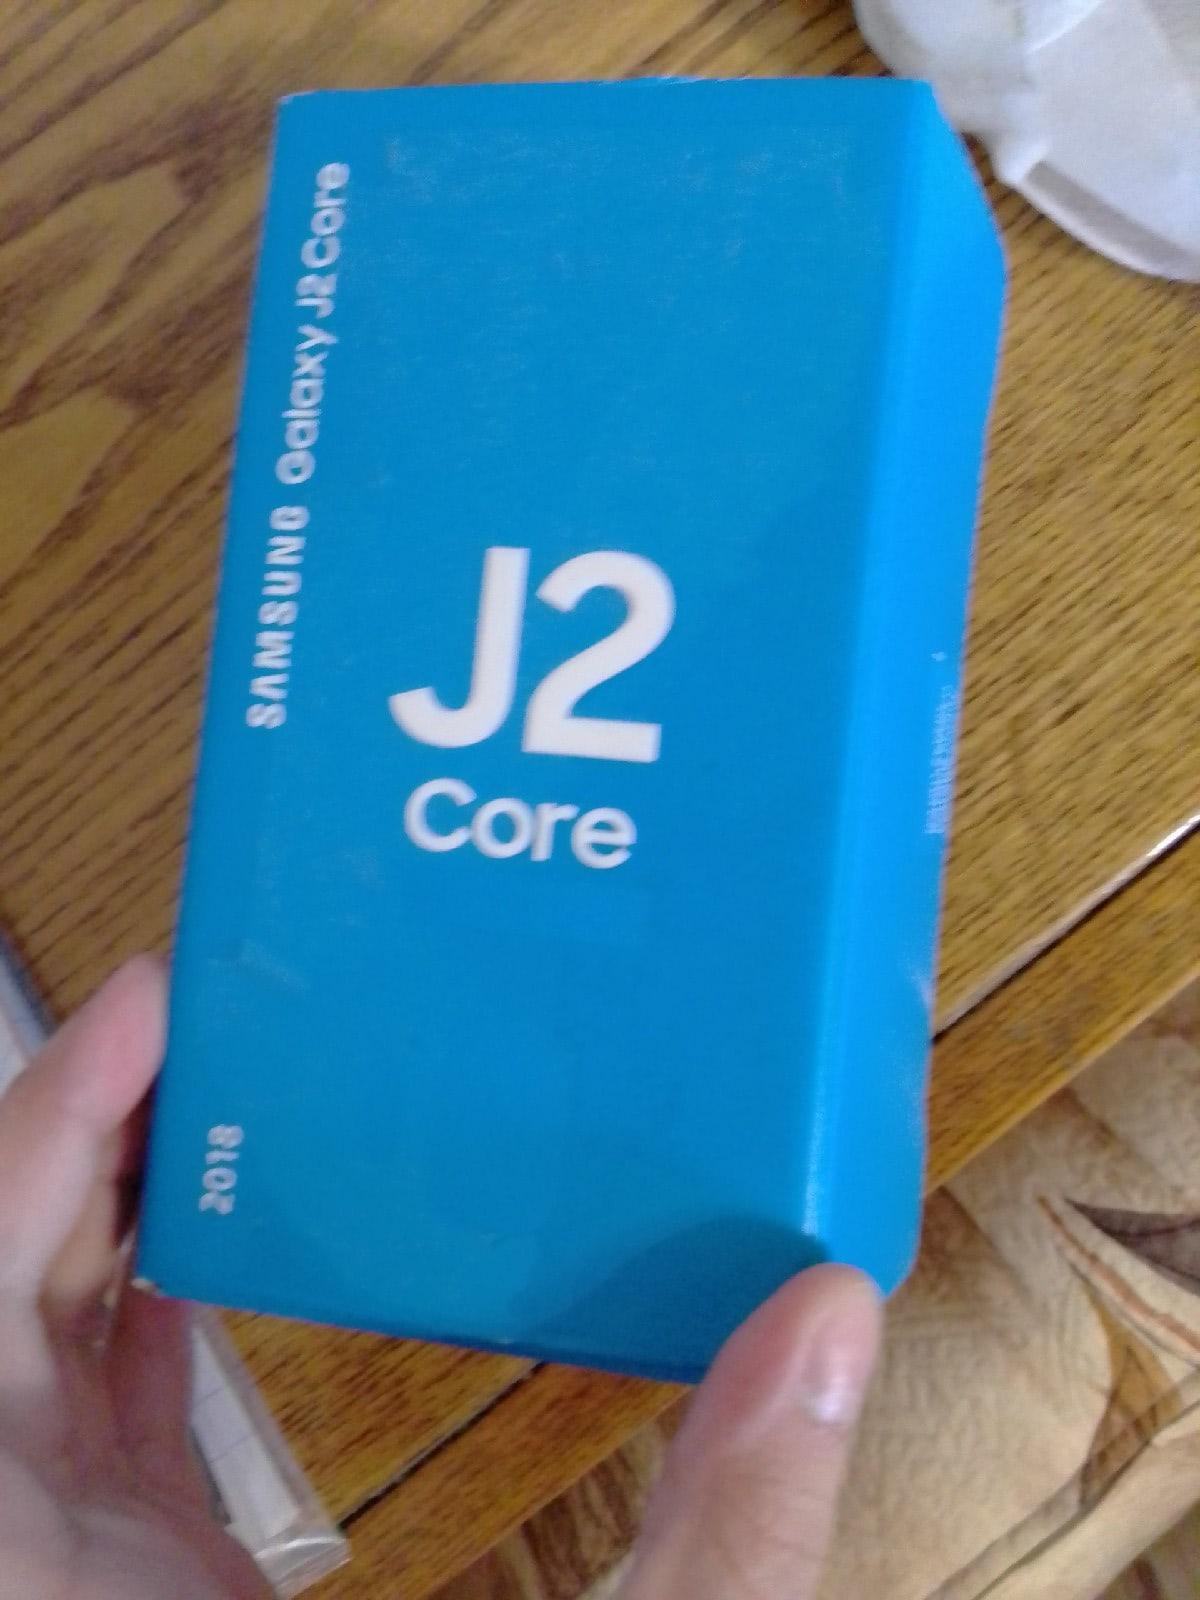 Купить телефон samsung j2 core. Всегда носился | Объявления Орска и Новотроицка №4373